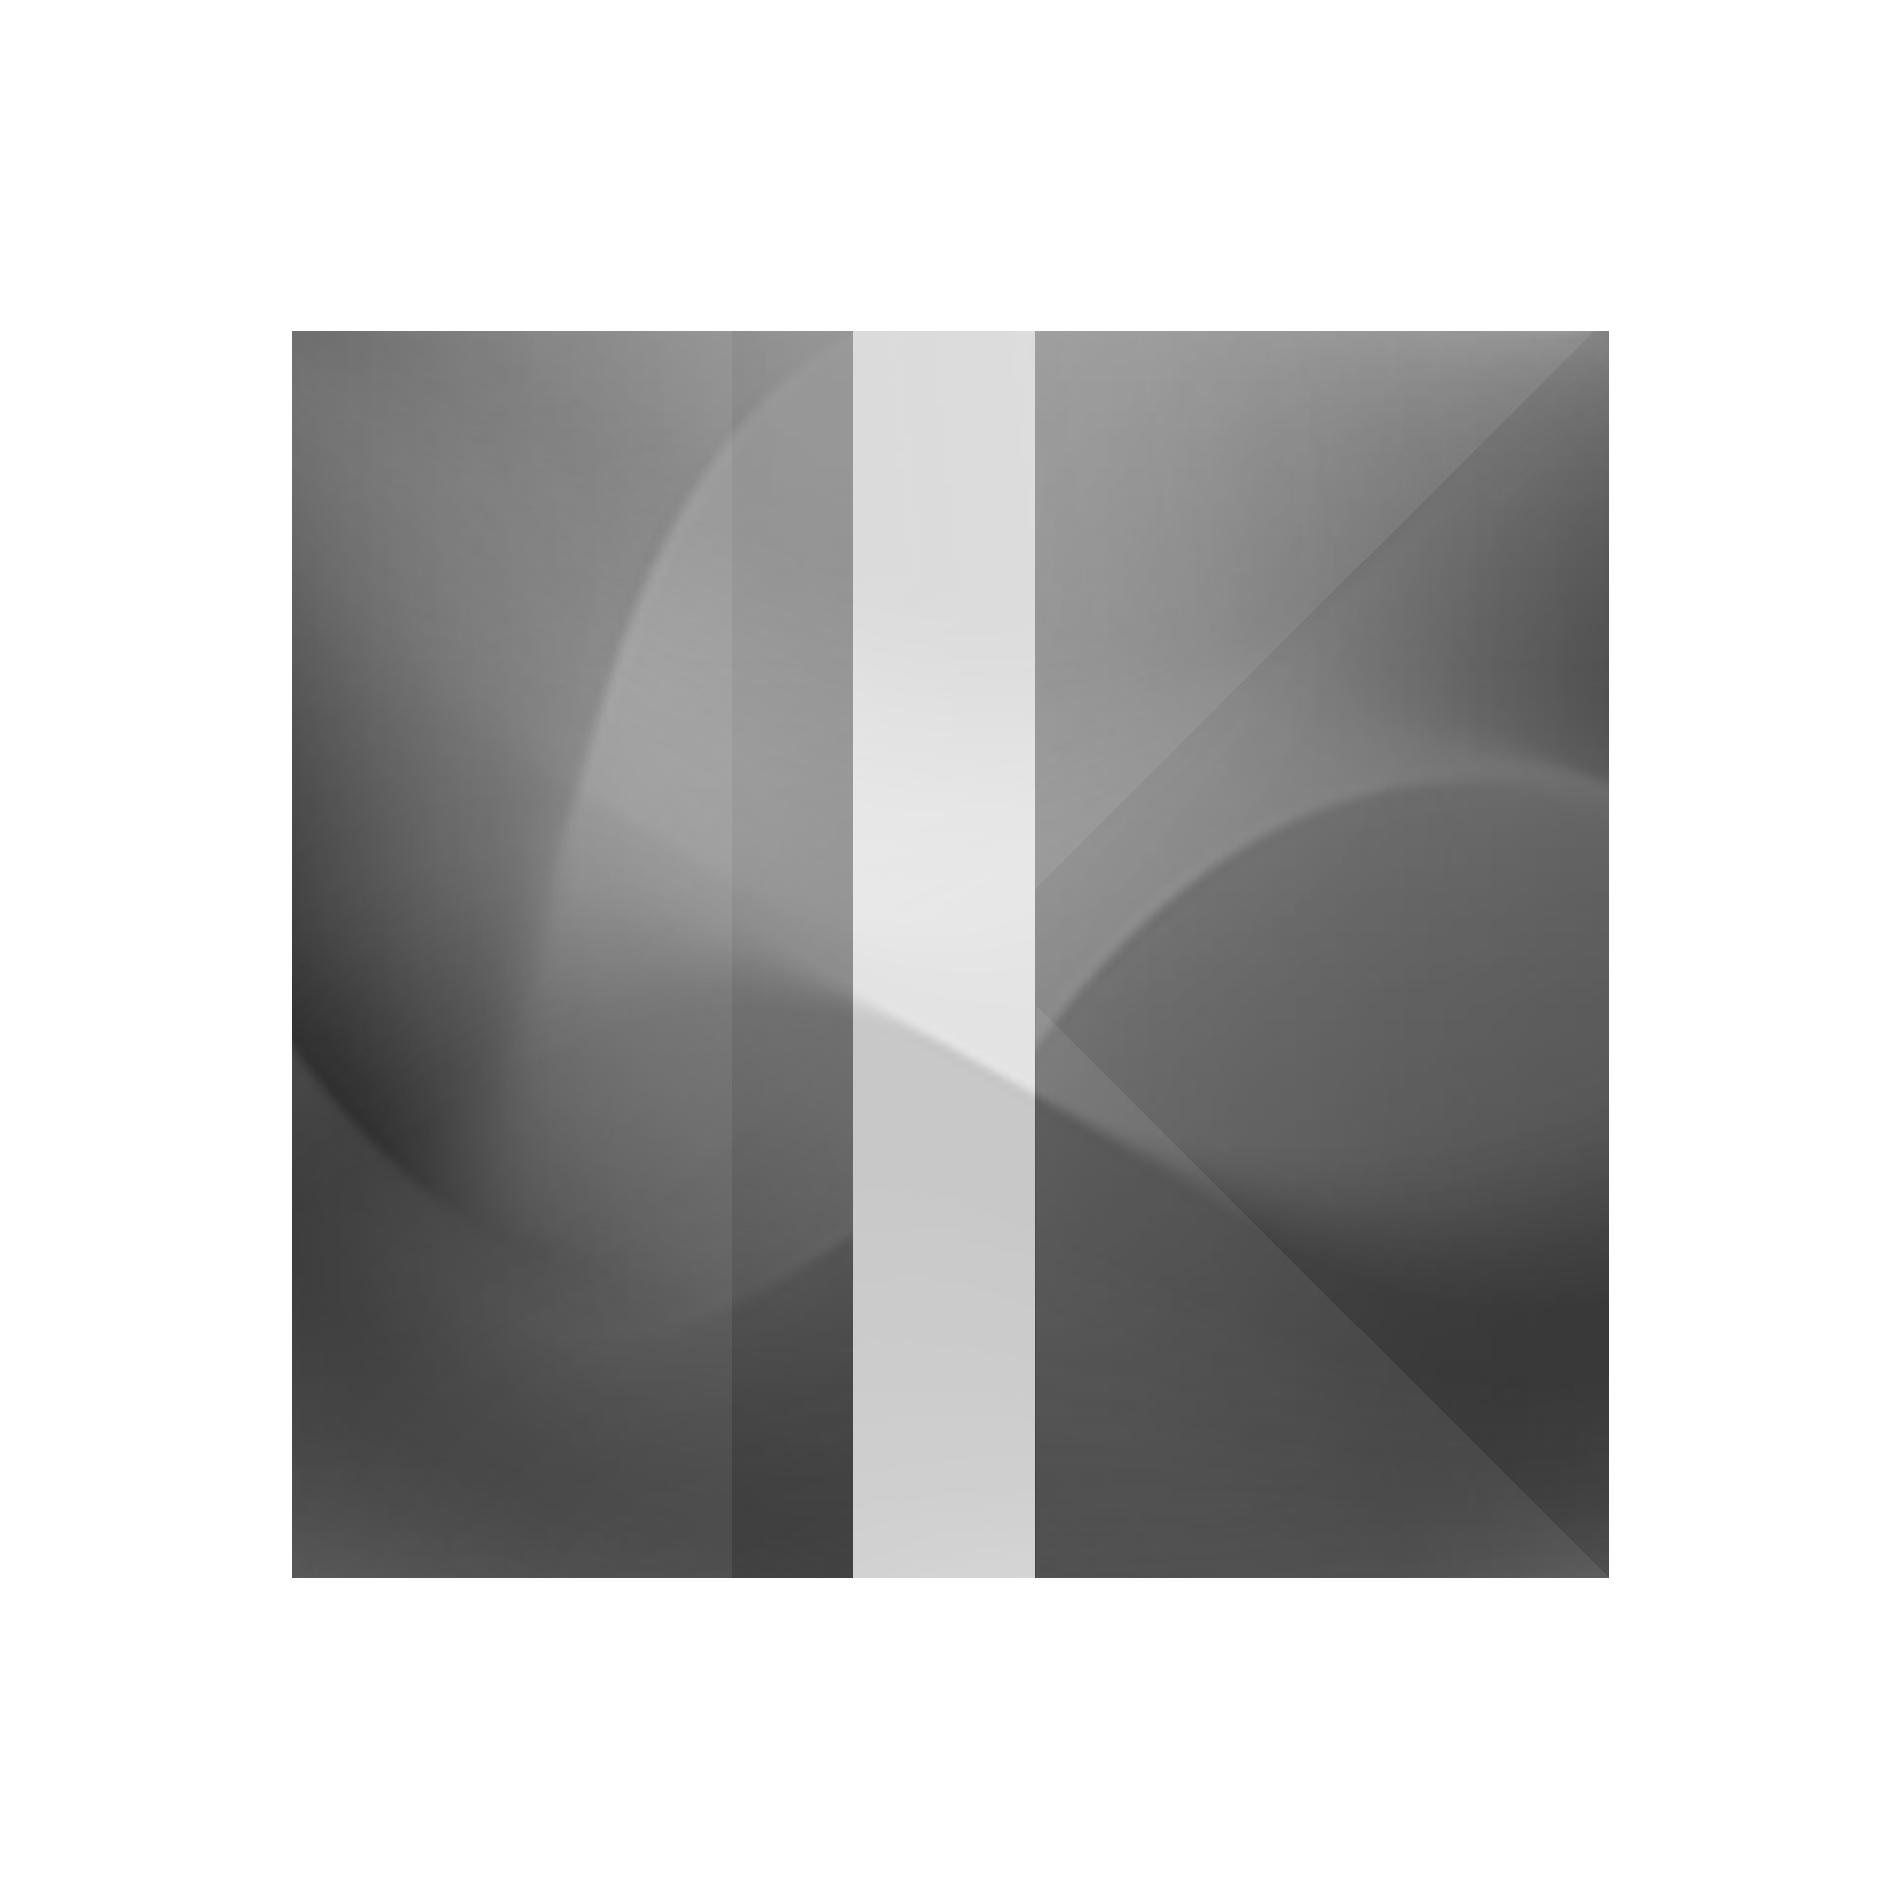 KinoniK